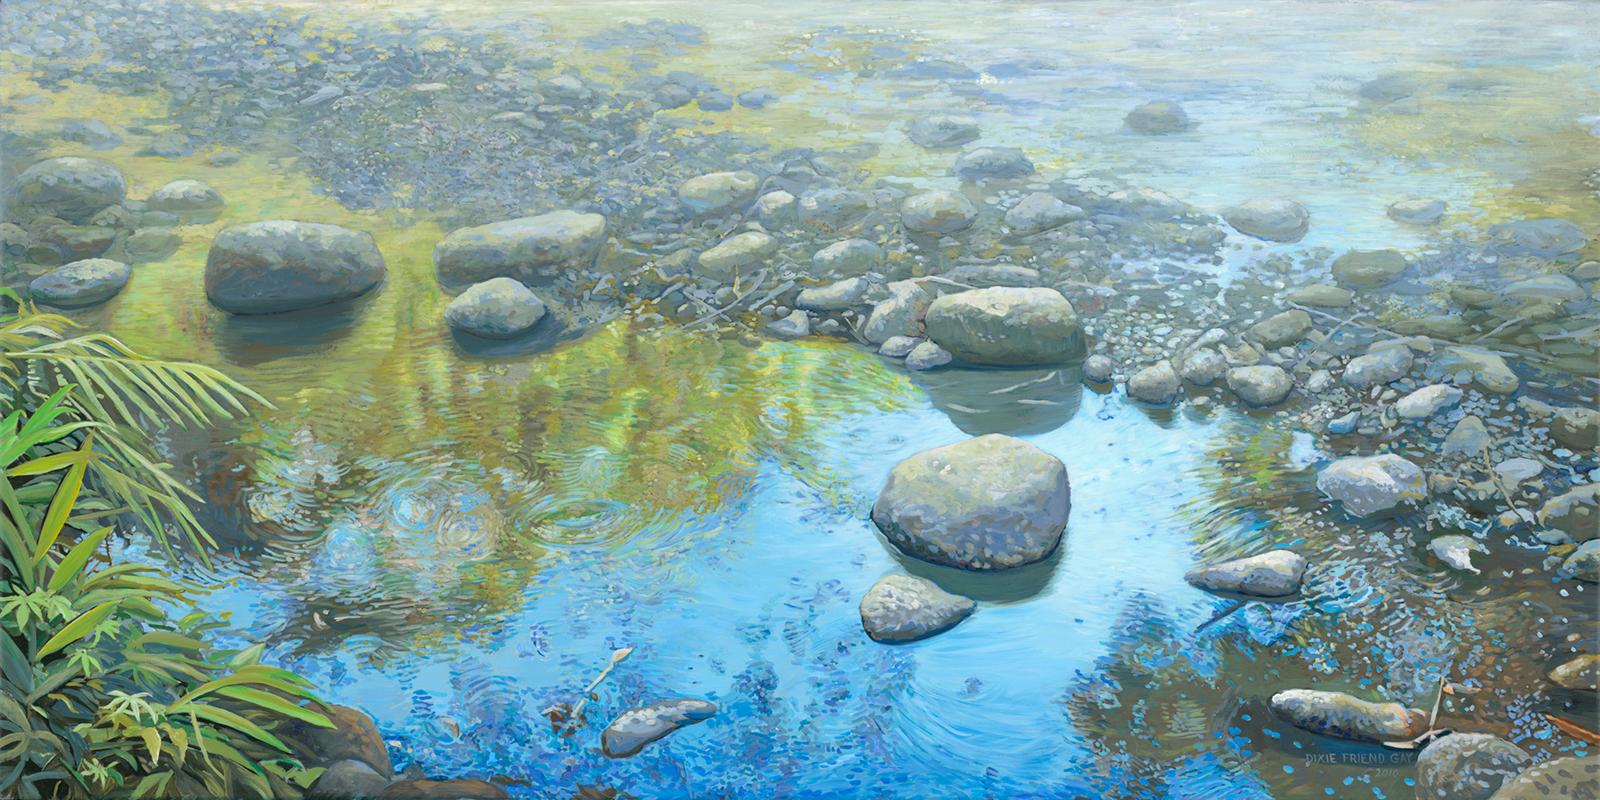 Ciervo River, 2010